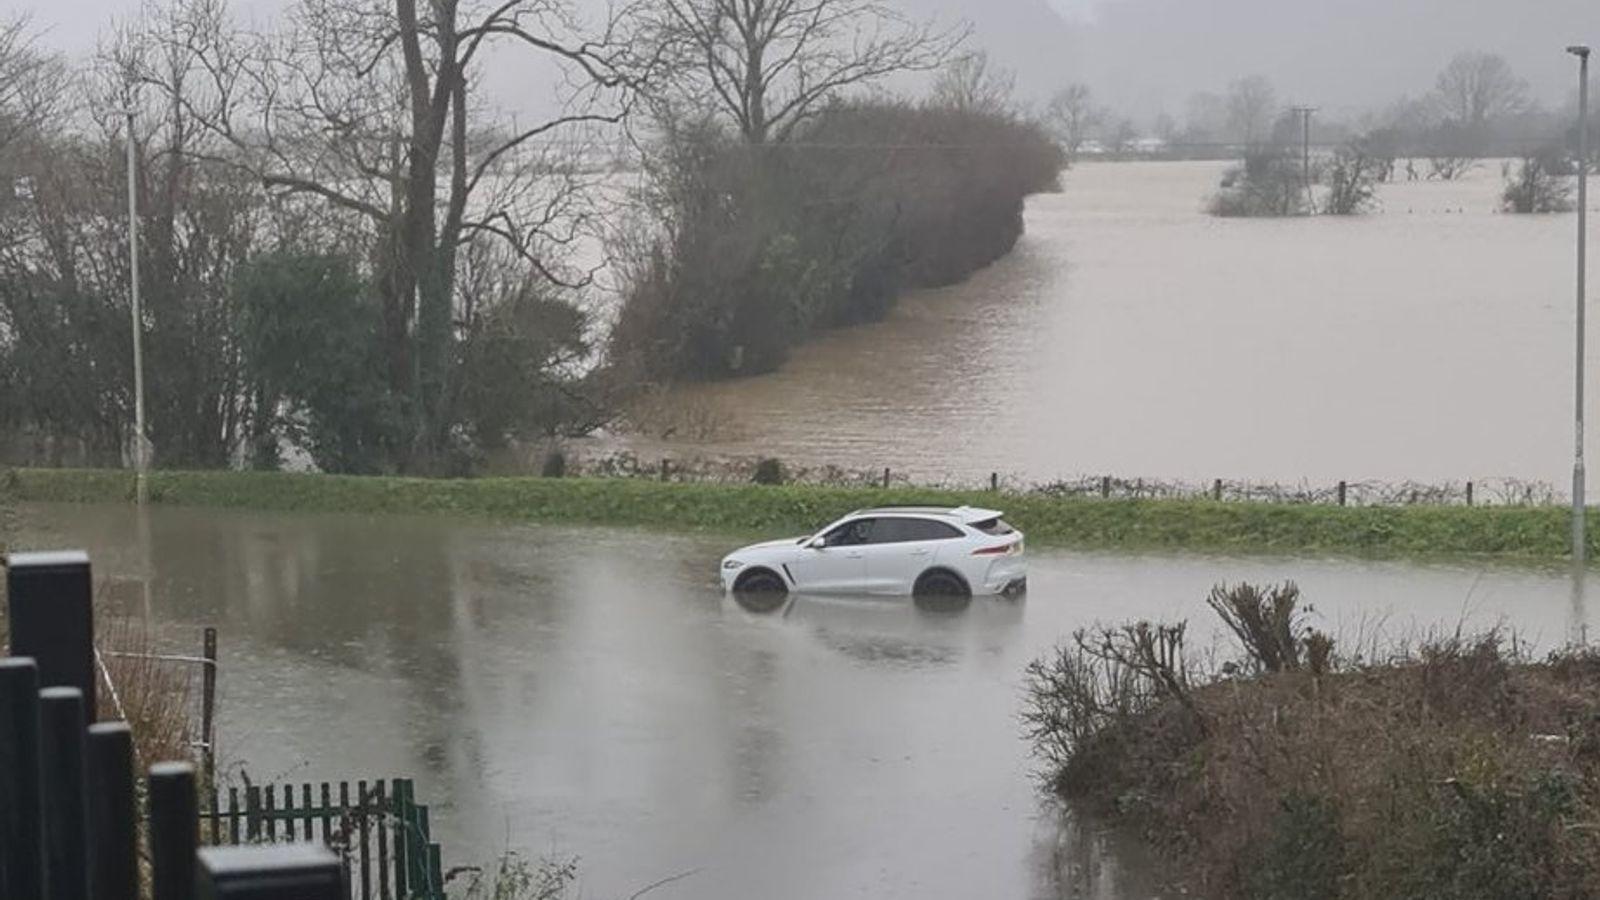 英国发布严重洪水警告 部分居民撤离居所